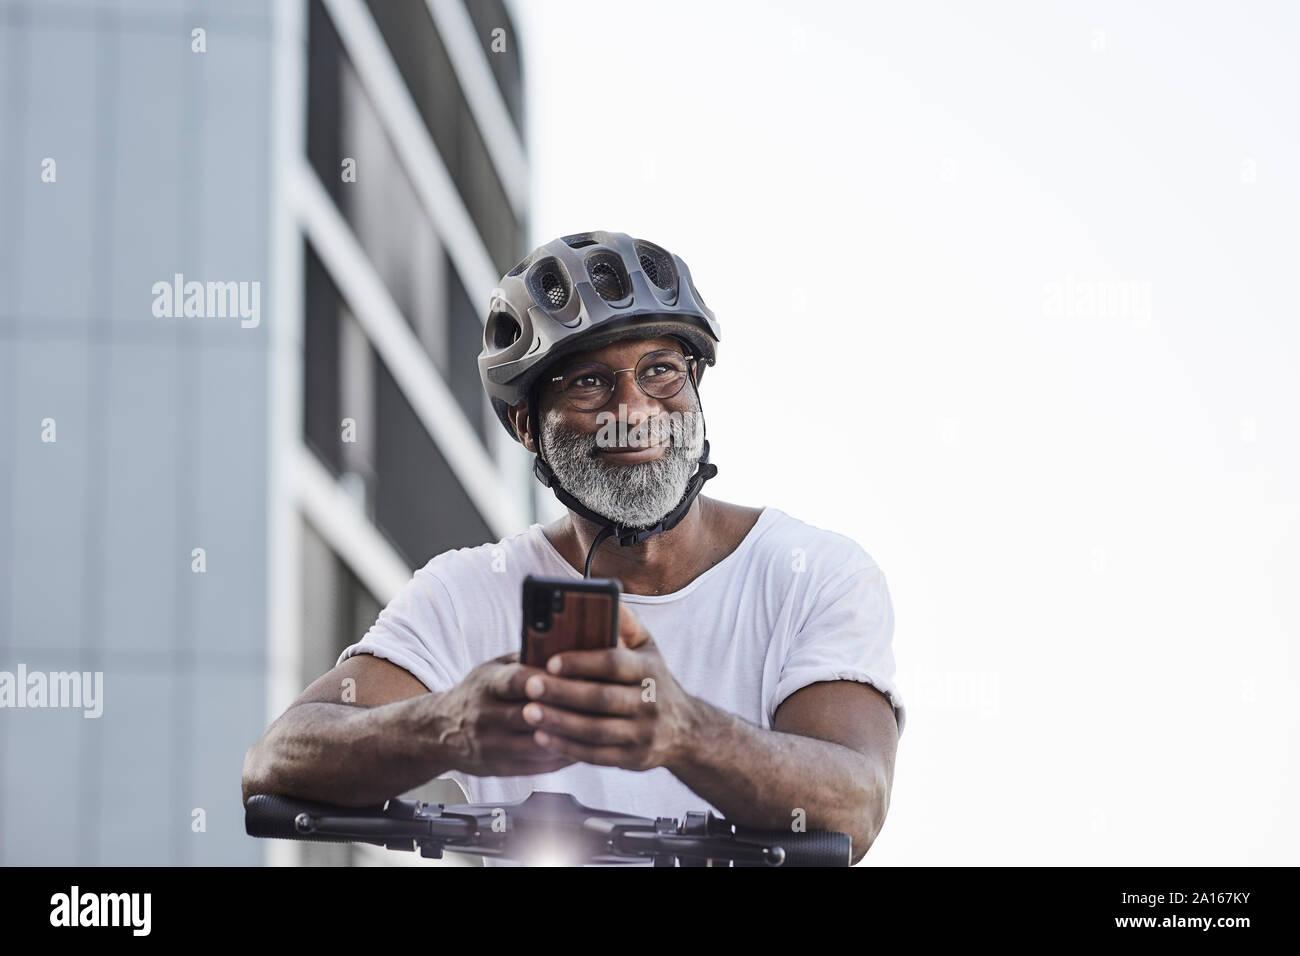 Portrait of happy young man wearing cycling helmet appuyée sur guidon de Scooter électrique Banque D'Images